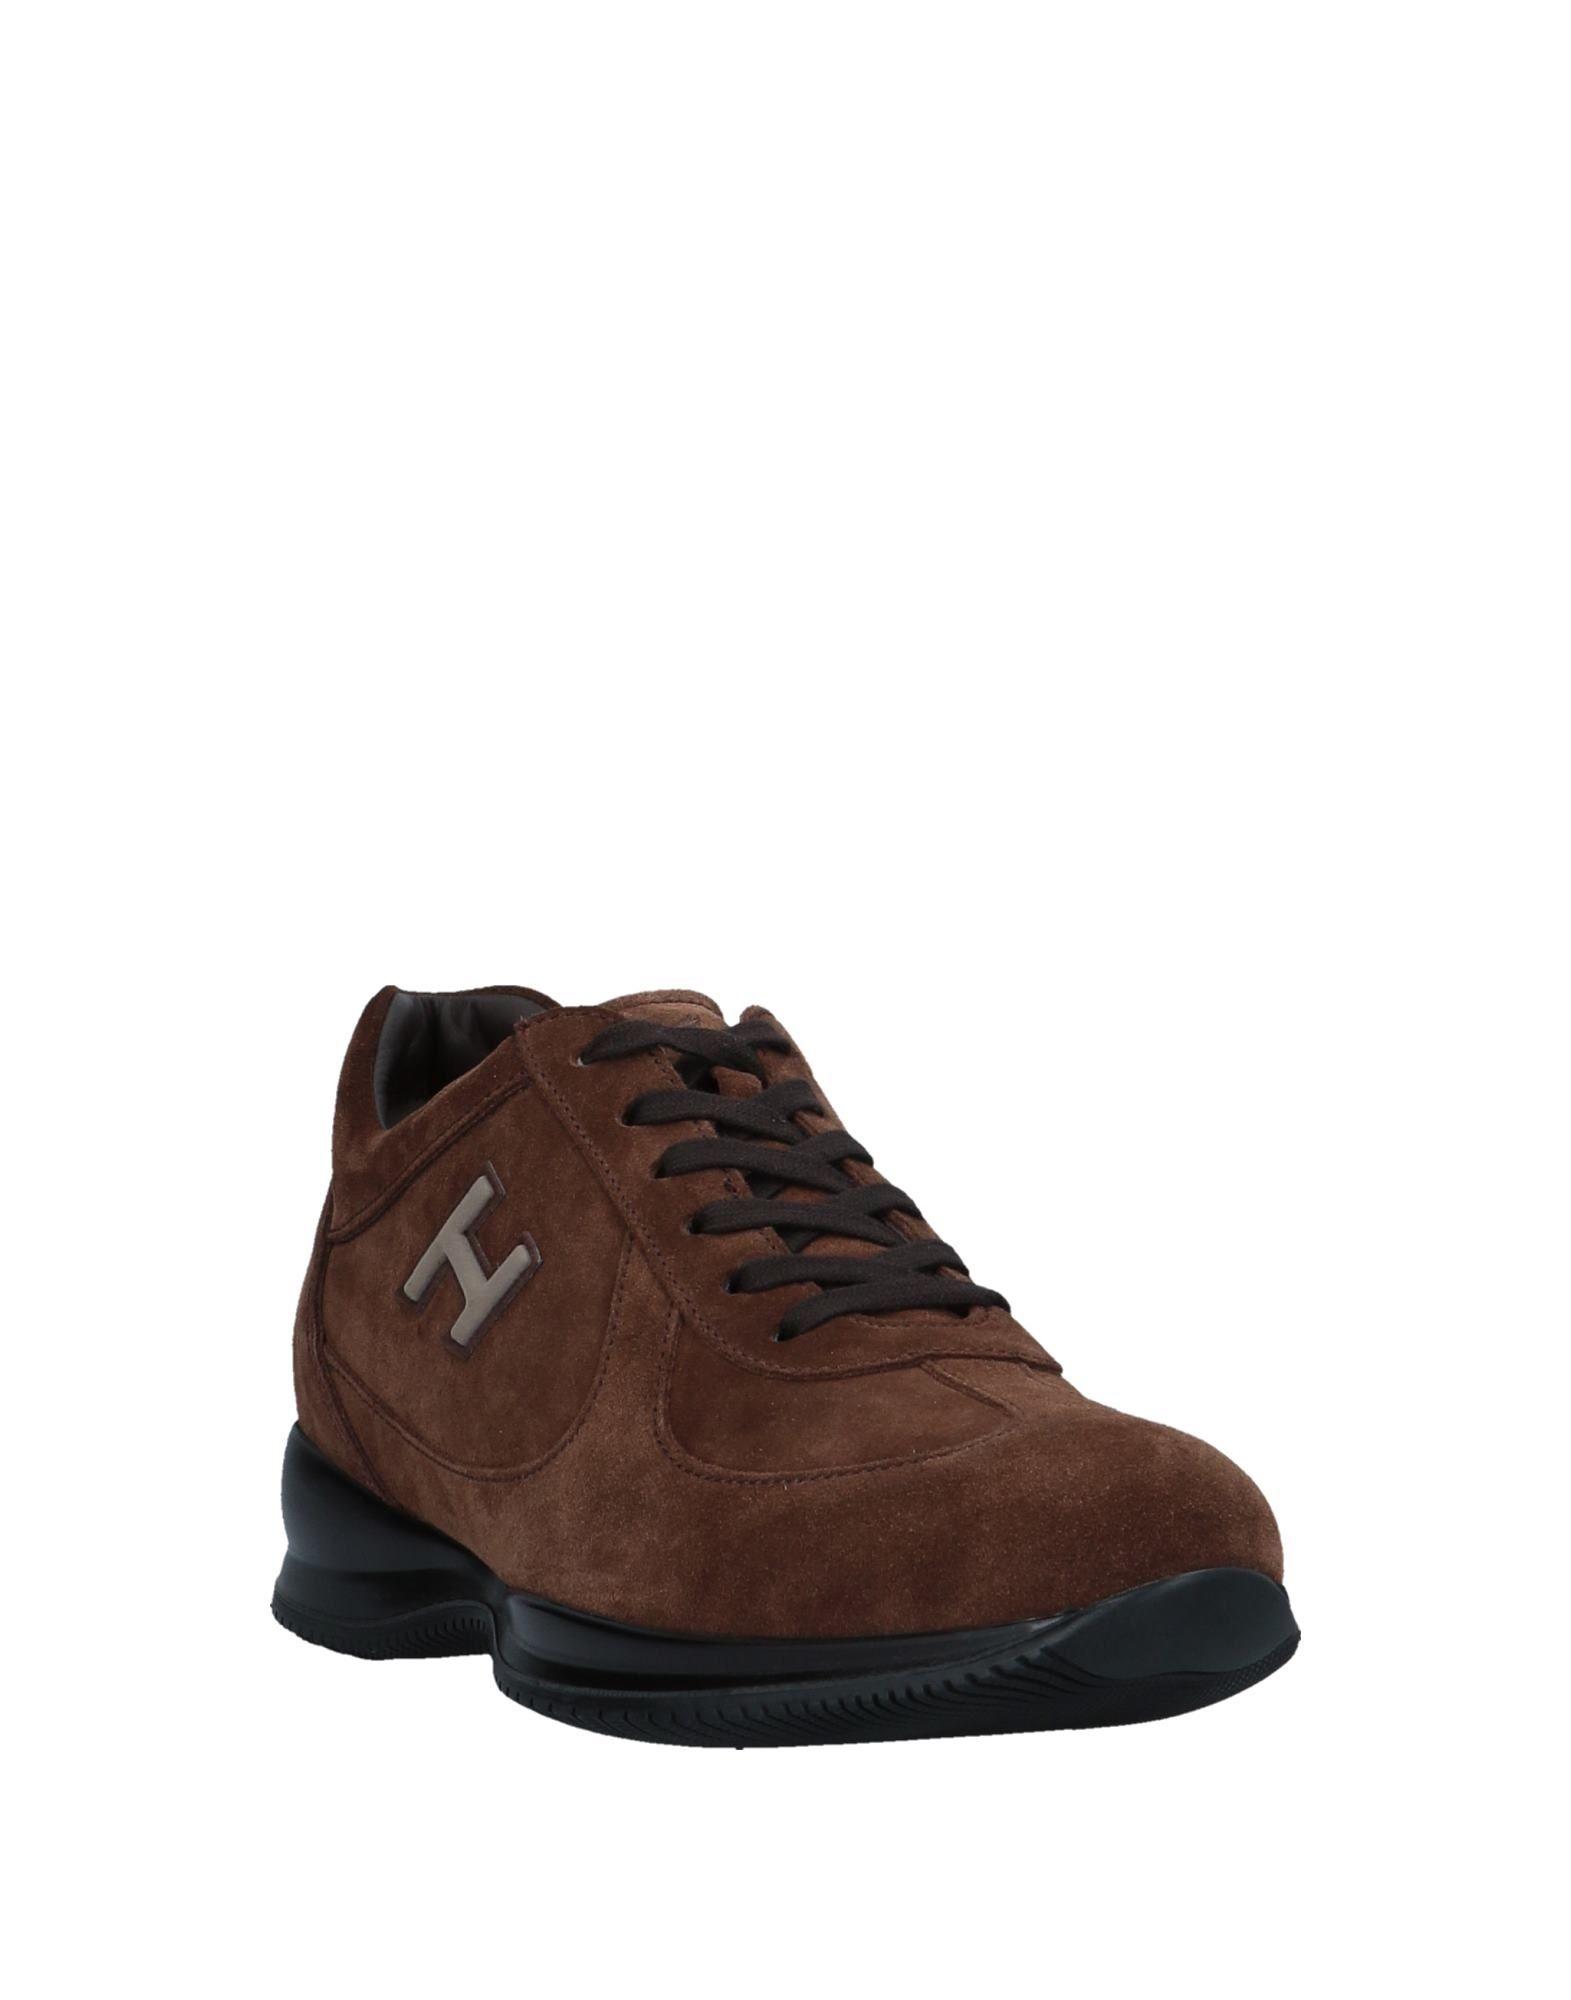 Hogan Sneakers Herren Herren Sneakers  11542786GP  a5884f